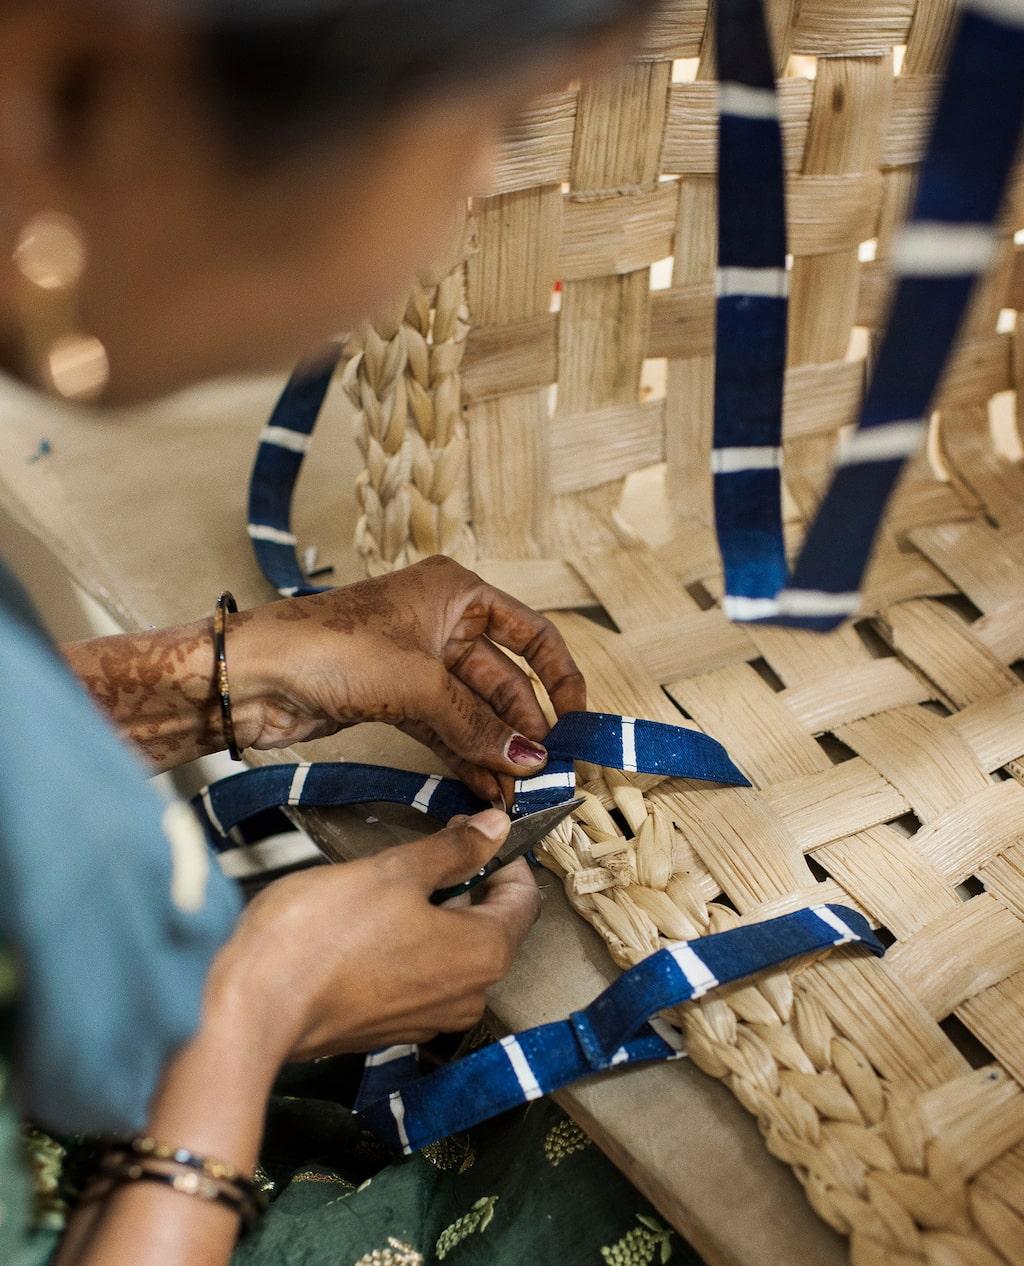 Målsättningen med samarbetet är att stärka kvinnor genom hantverket och ge människor möjligheten att försörja sig i utsatta samhällen över hela världen.